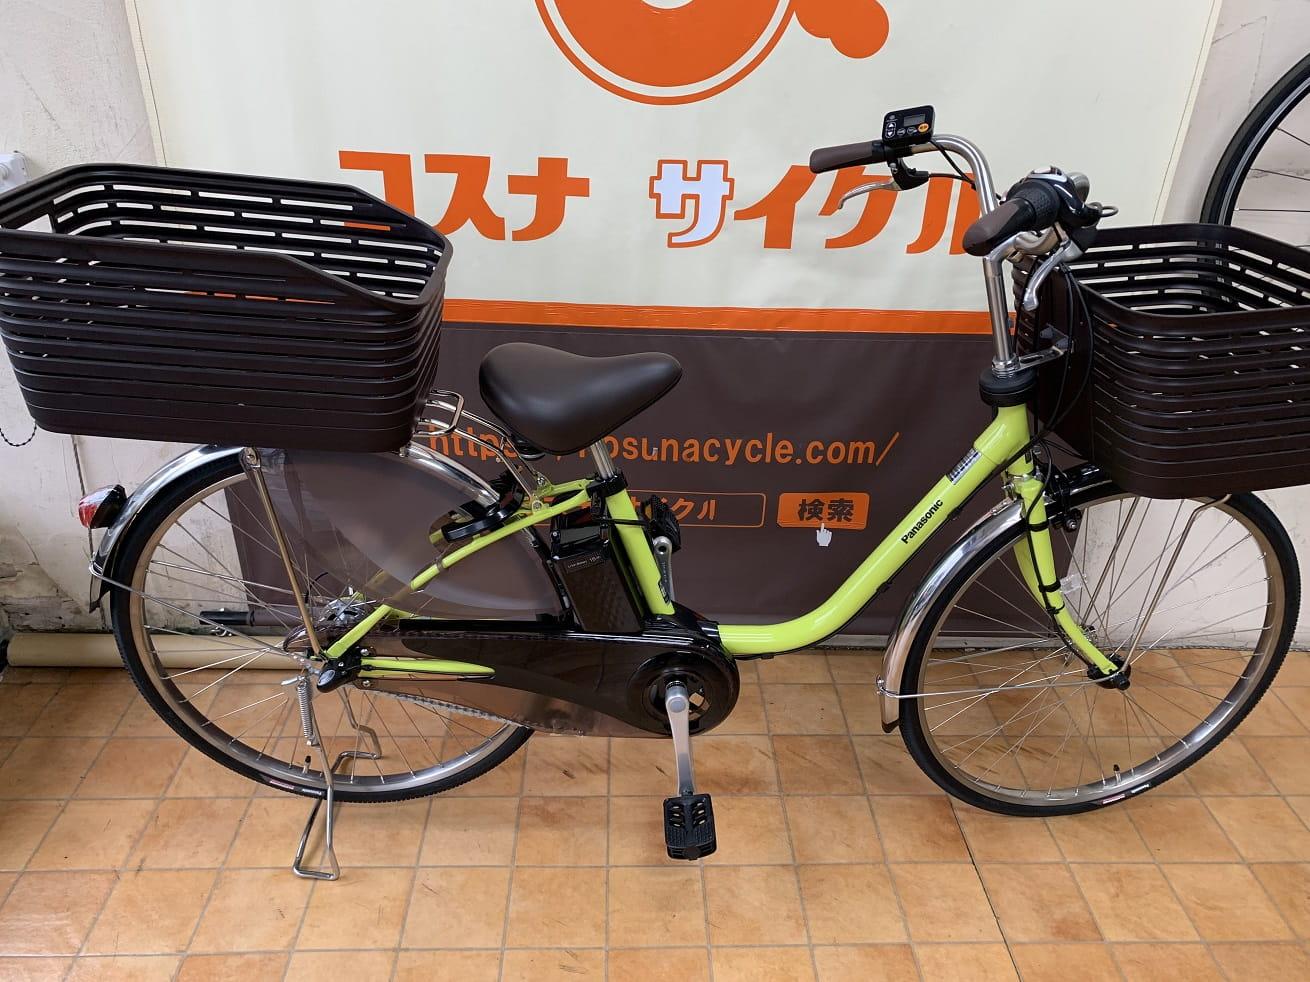 パナソニック電動アシスト自転車ビビDXリヤバスケット装着